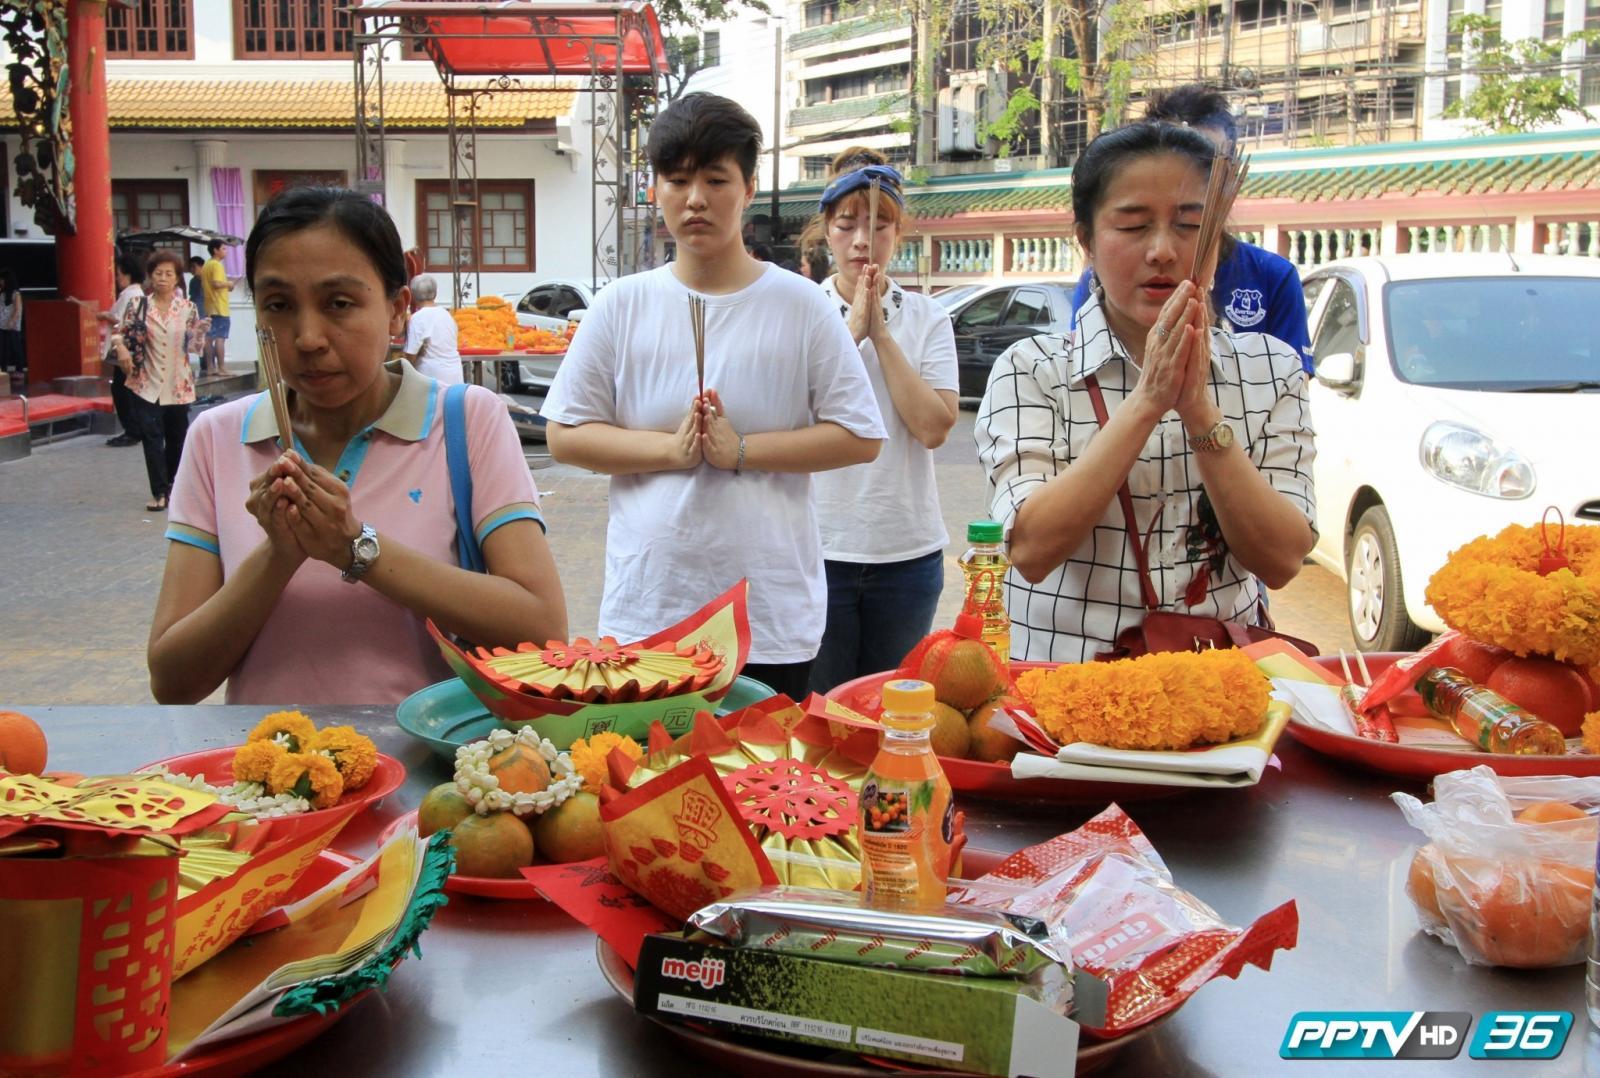 """22 ก.พ. 59 นอกจากจะเป็น """"วันมาฆบูชา"""" ยังเป็น """"เทศกาลหง่วงเซียวโจ่ย"""" ของชาวจีน"""